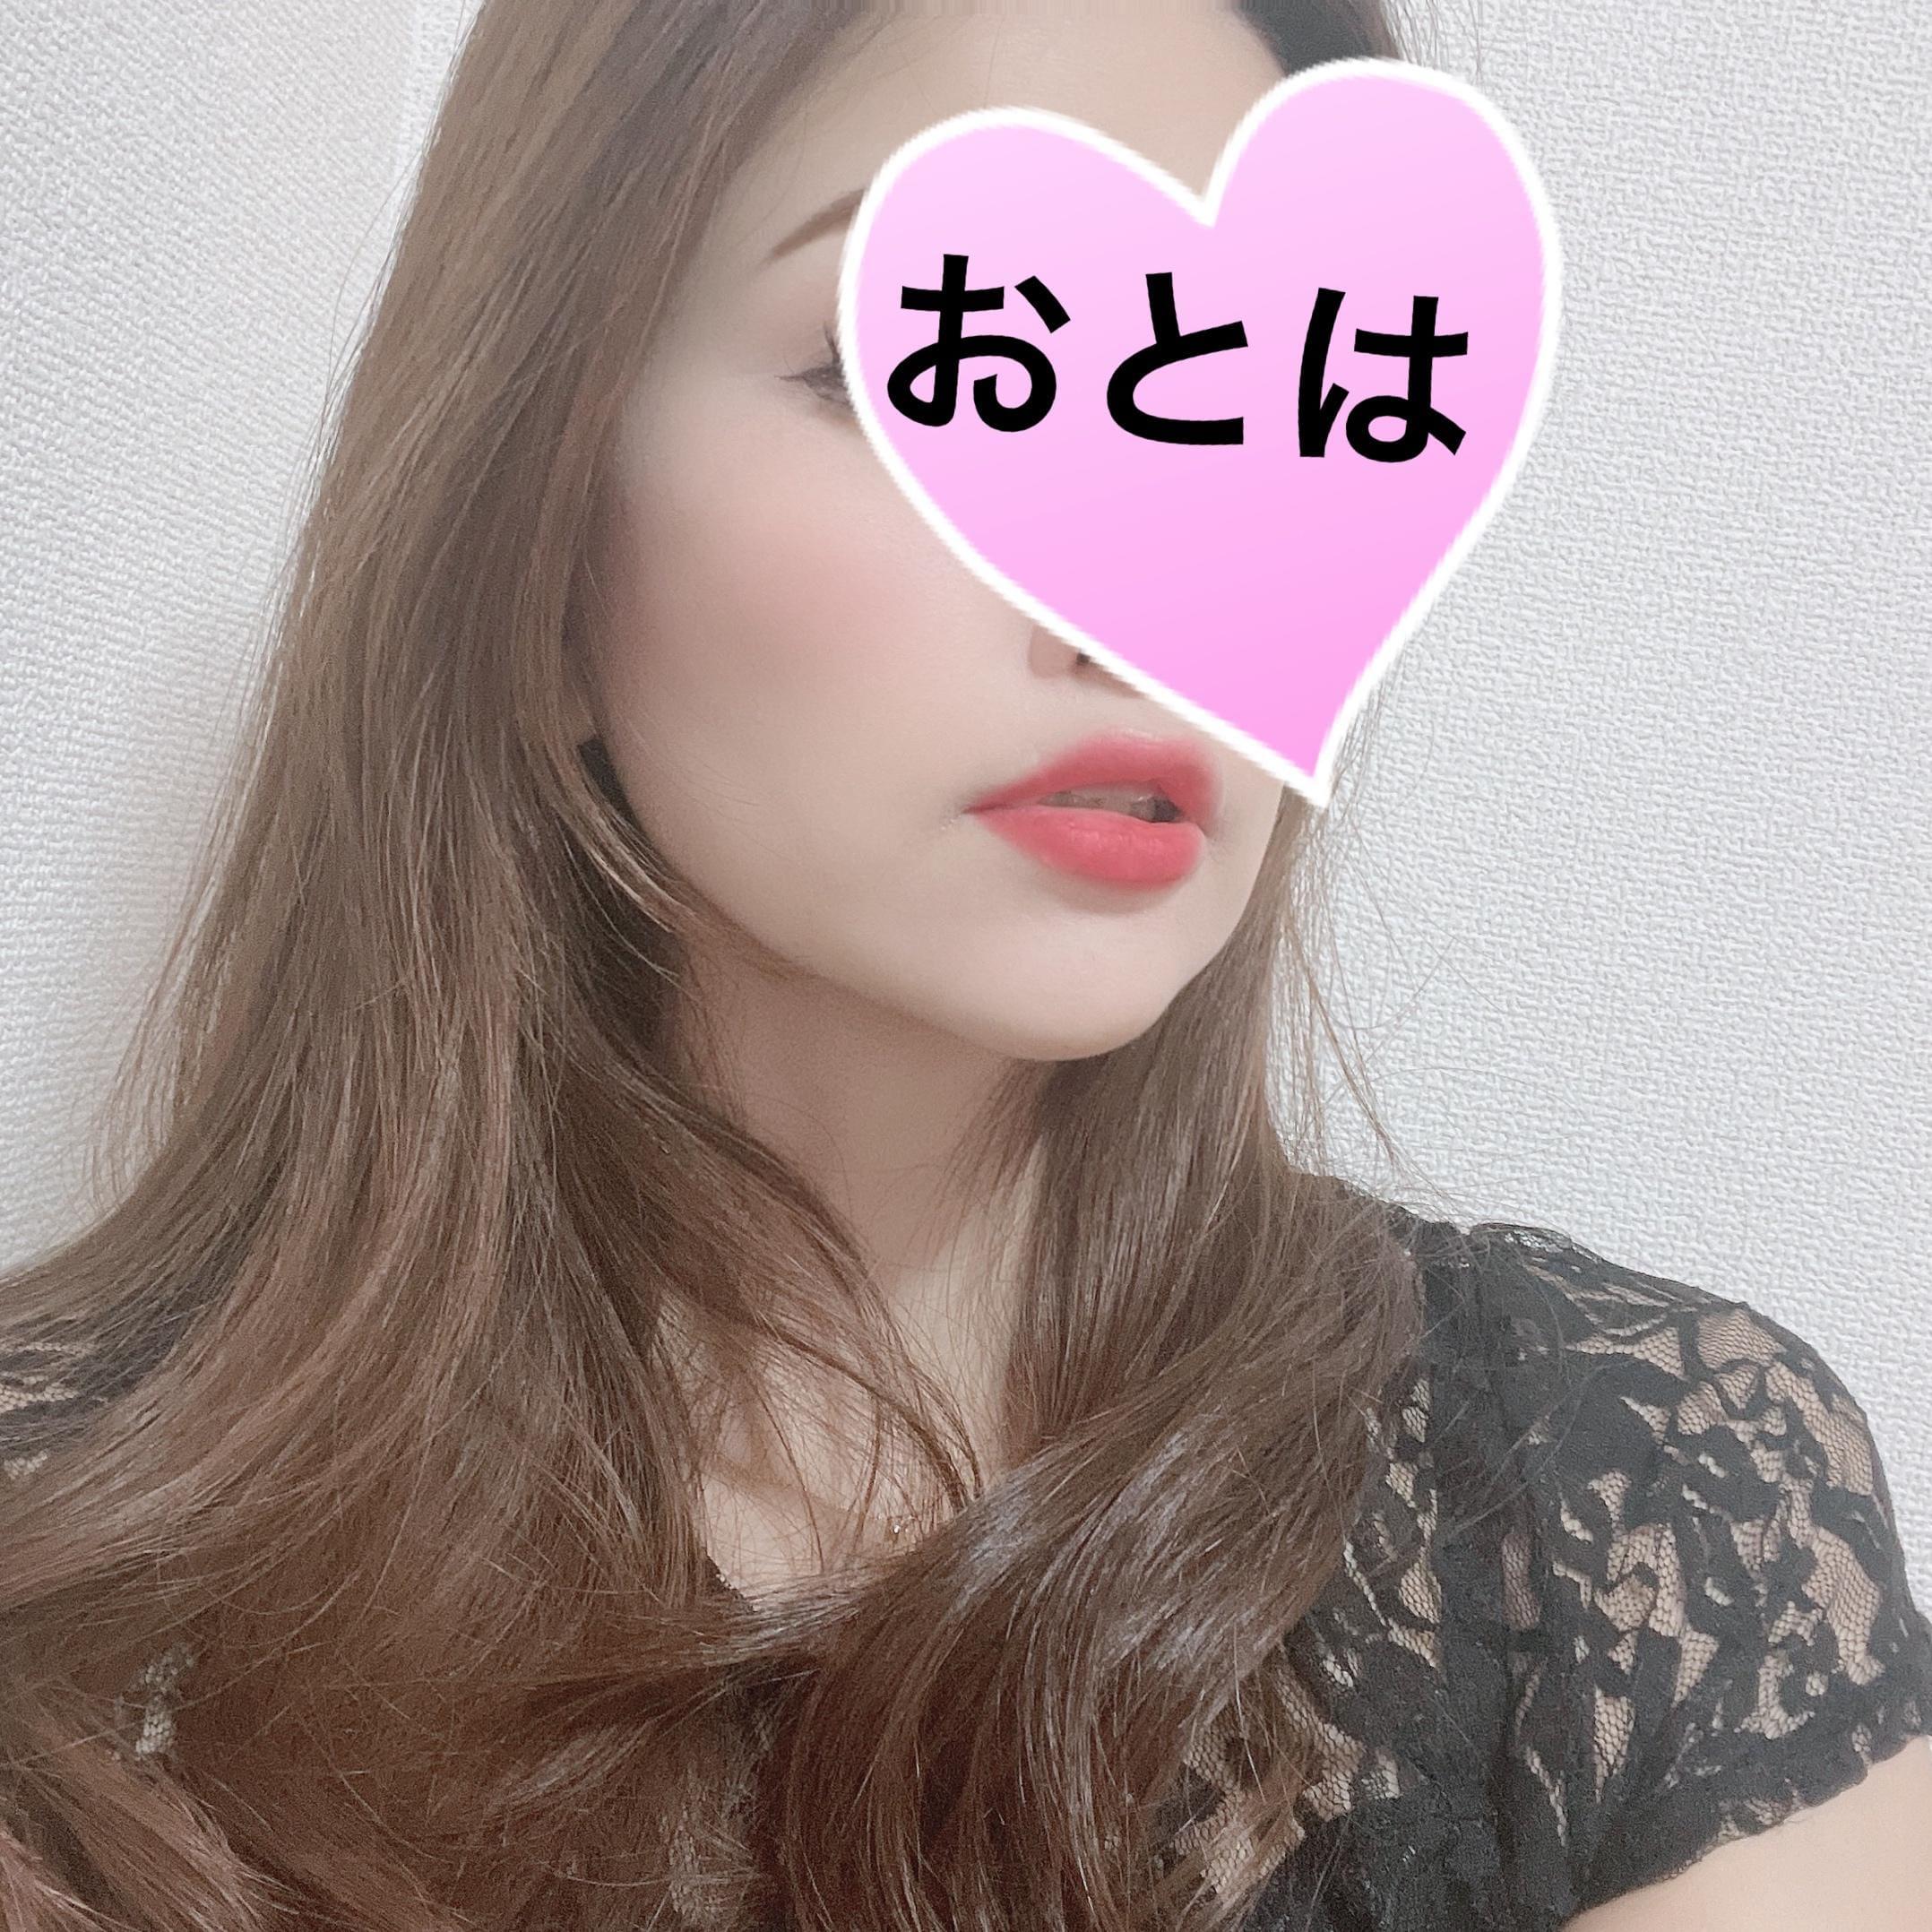 「本指名N様♡」06/12(土) 21:56 | おとはの写メ日記